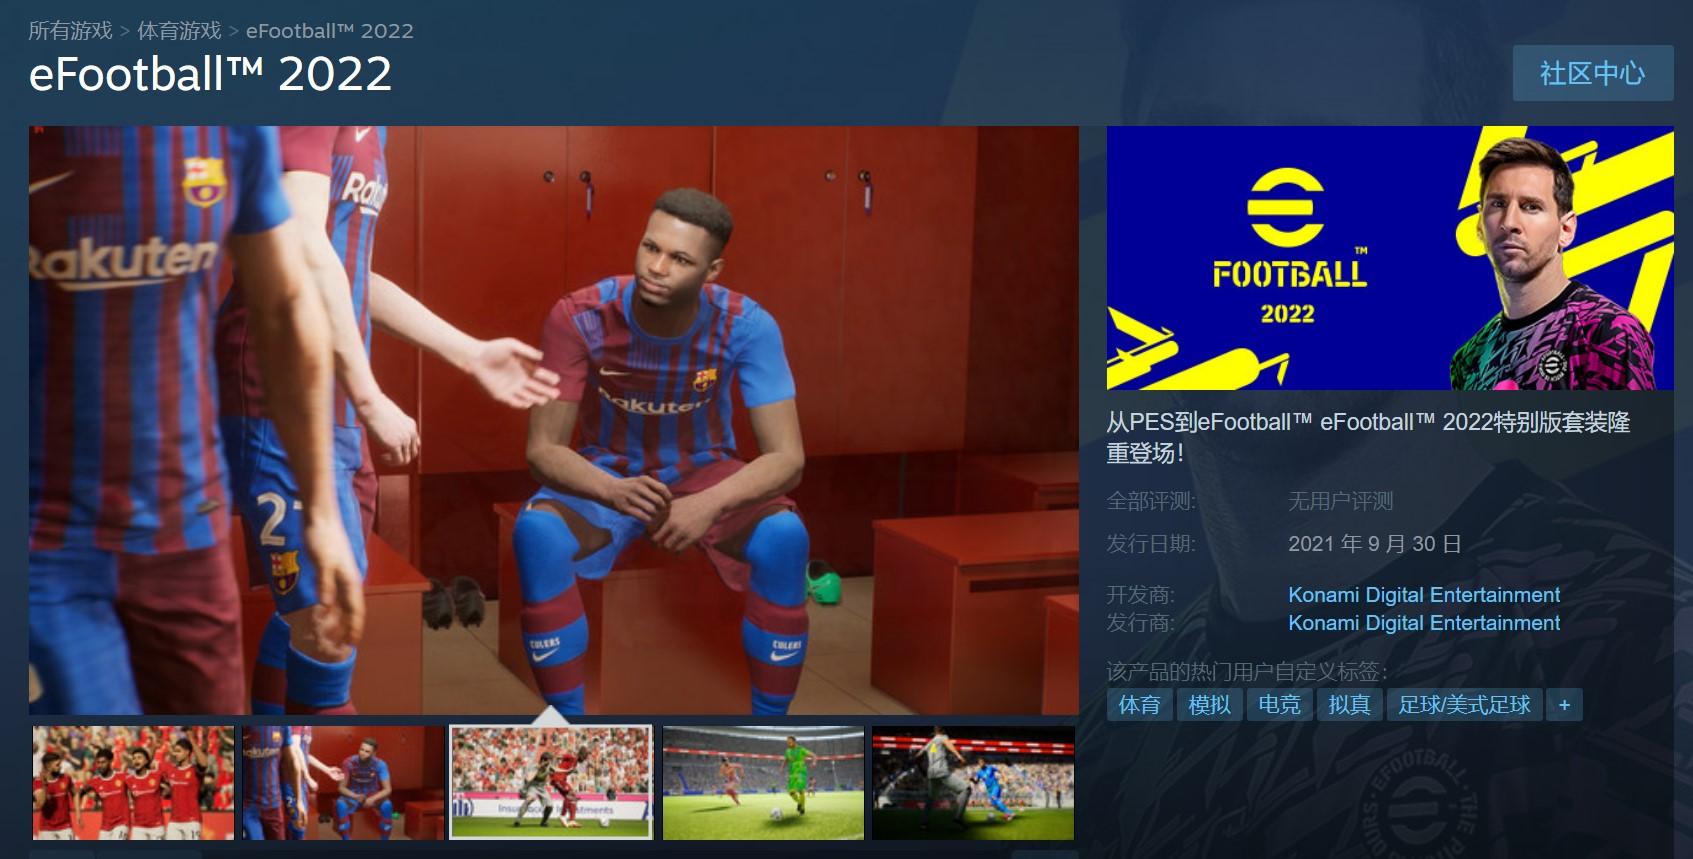 《eFootball 2022》Steam上架特别版套装预购 将于9月30日解锁